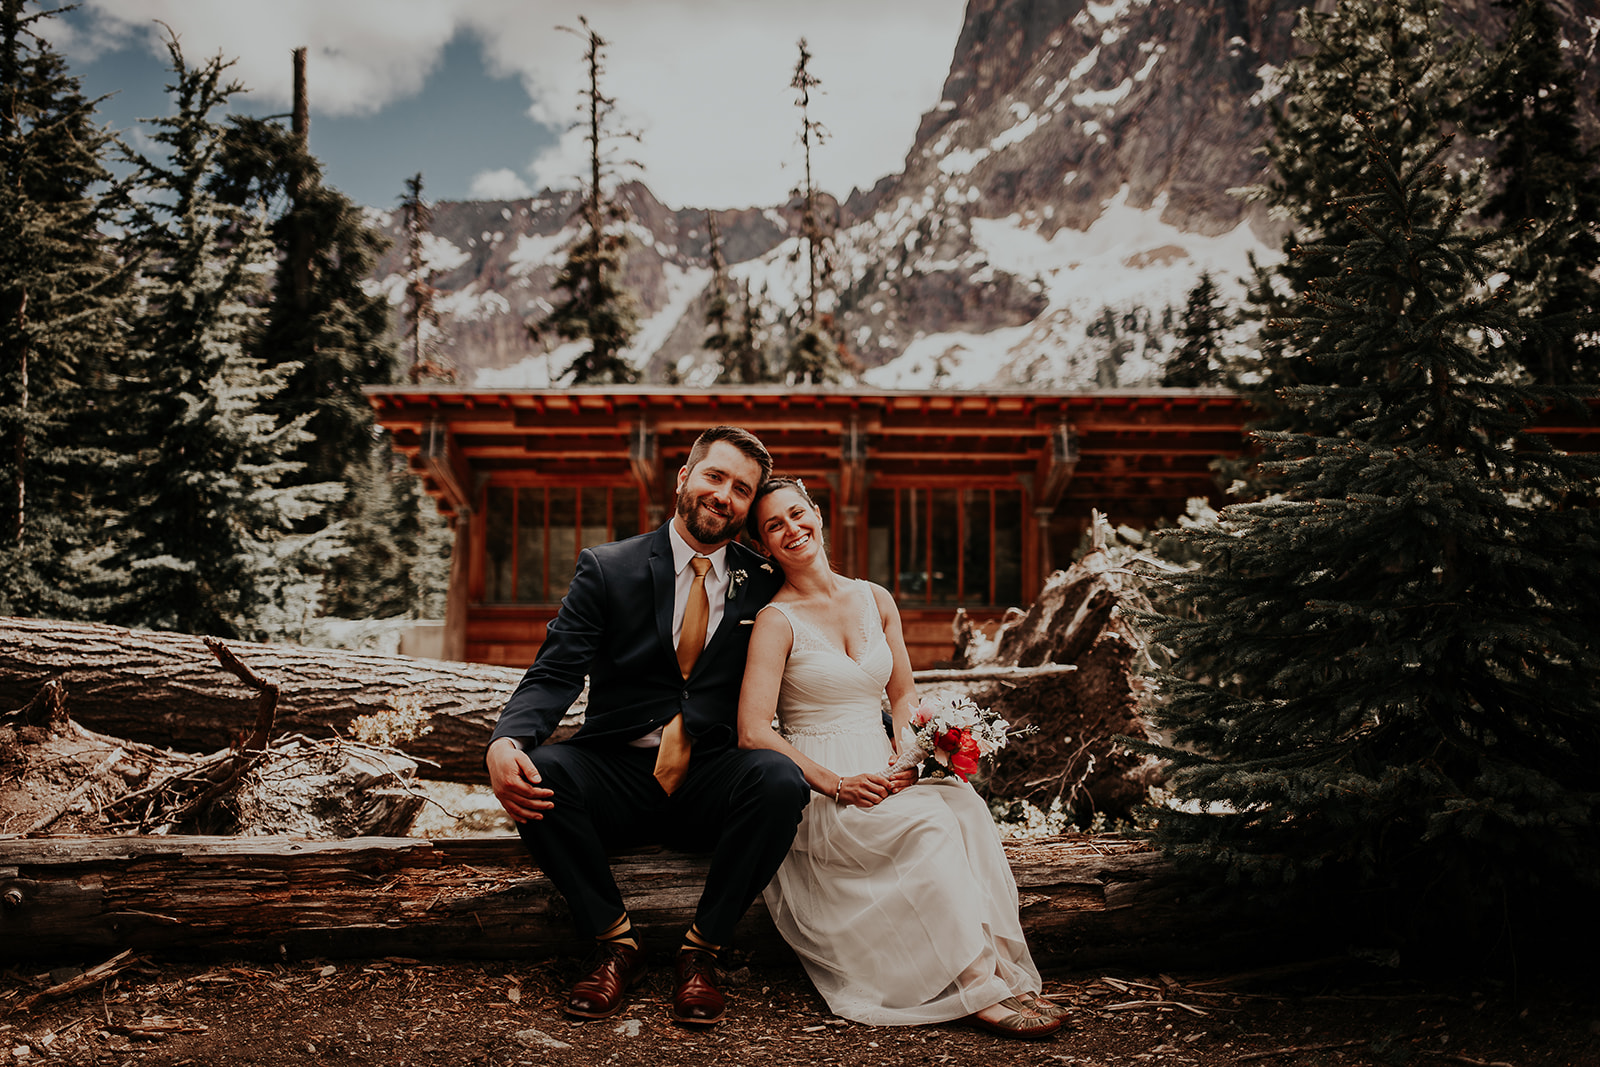 lisaandzack-north-cascades-elopement-wedding-megan-gallagher-photogarphy (20).jpg